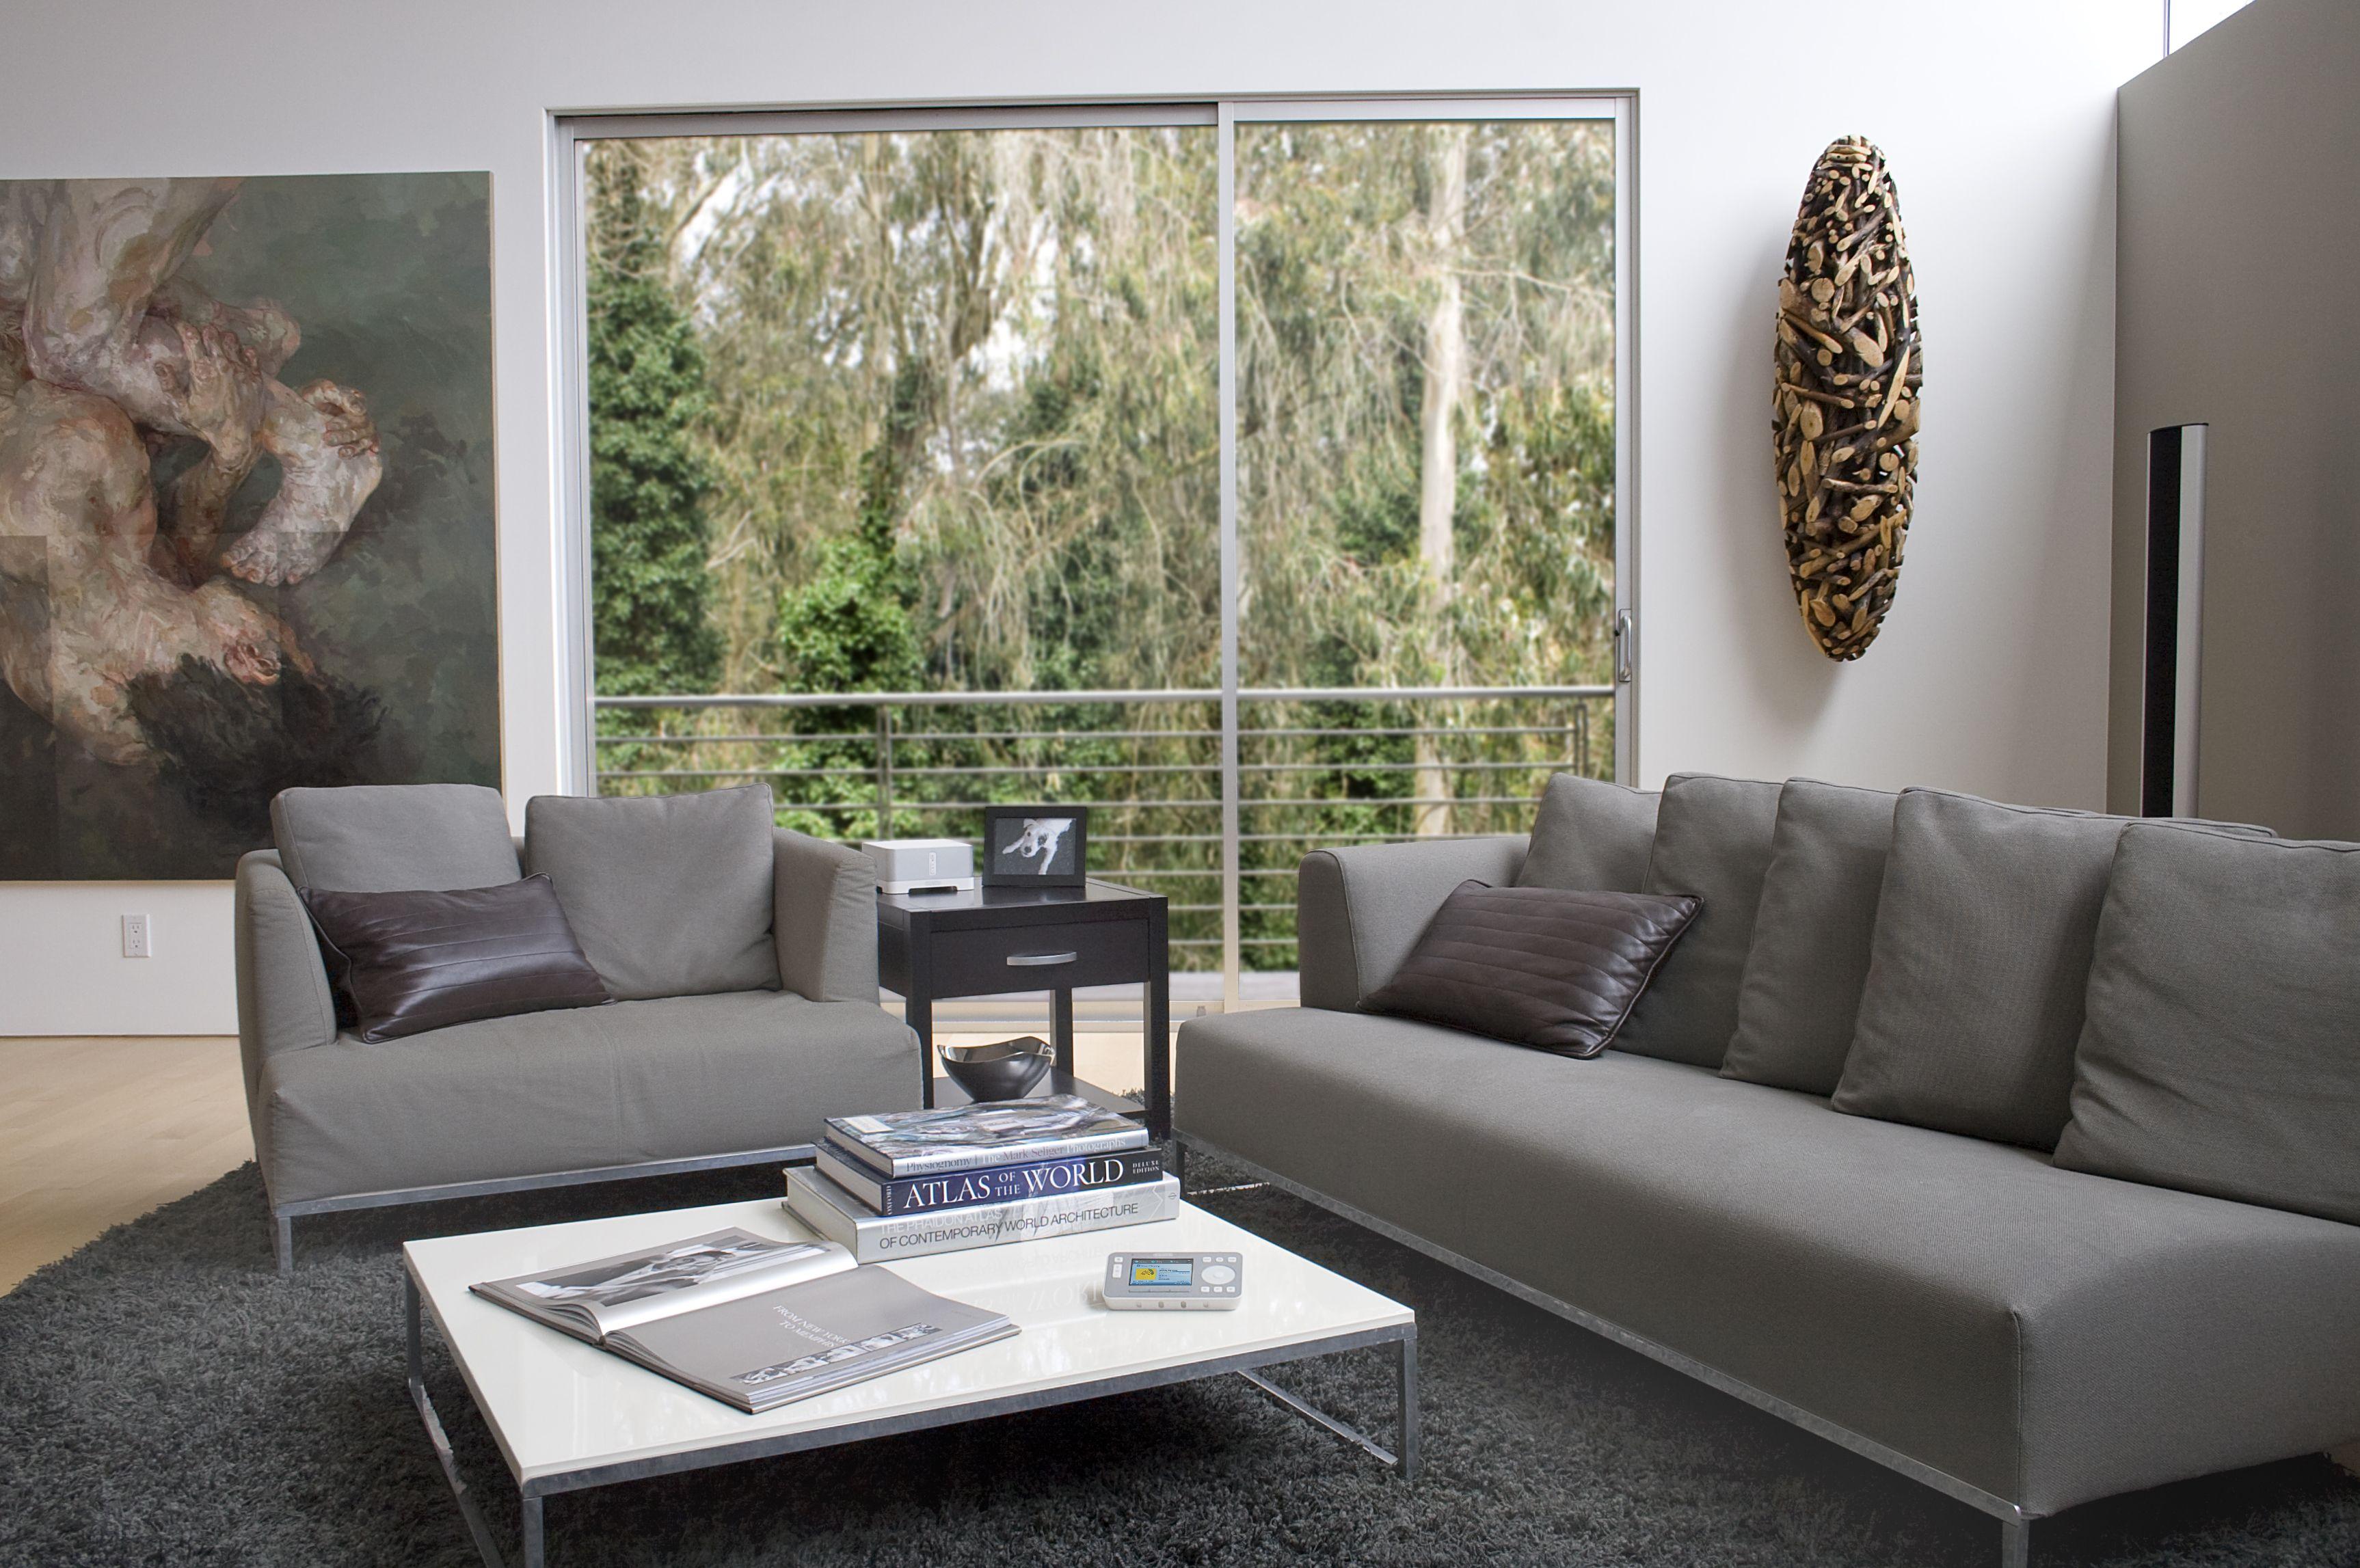 Living Room Design Pictures | Unique Home Interior Design Ideas ...